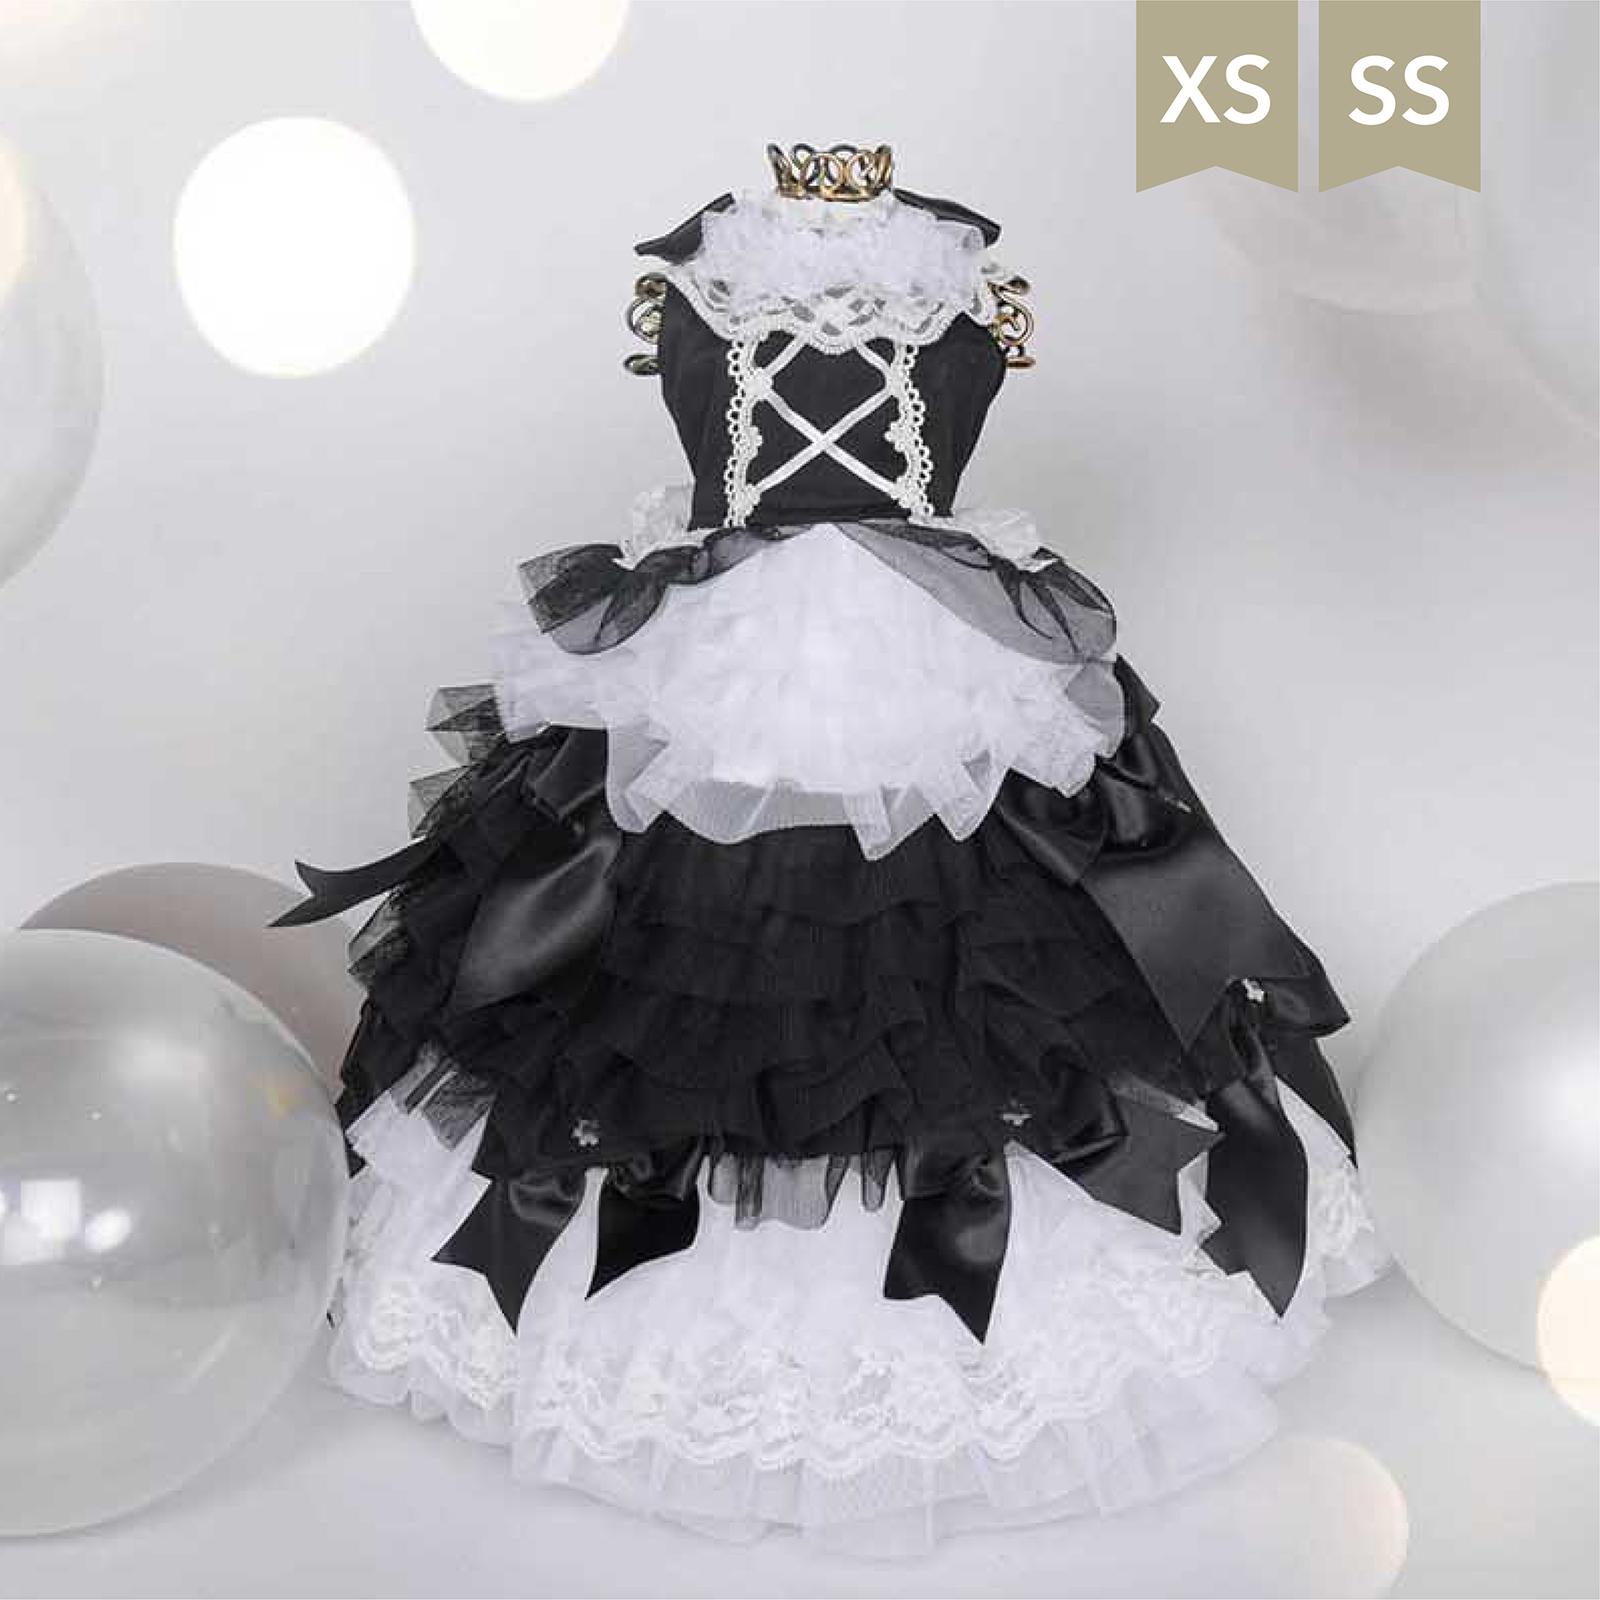 【XS・SS】ミラクルティッシュ